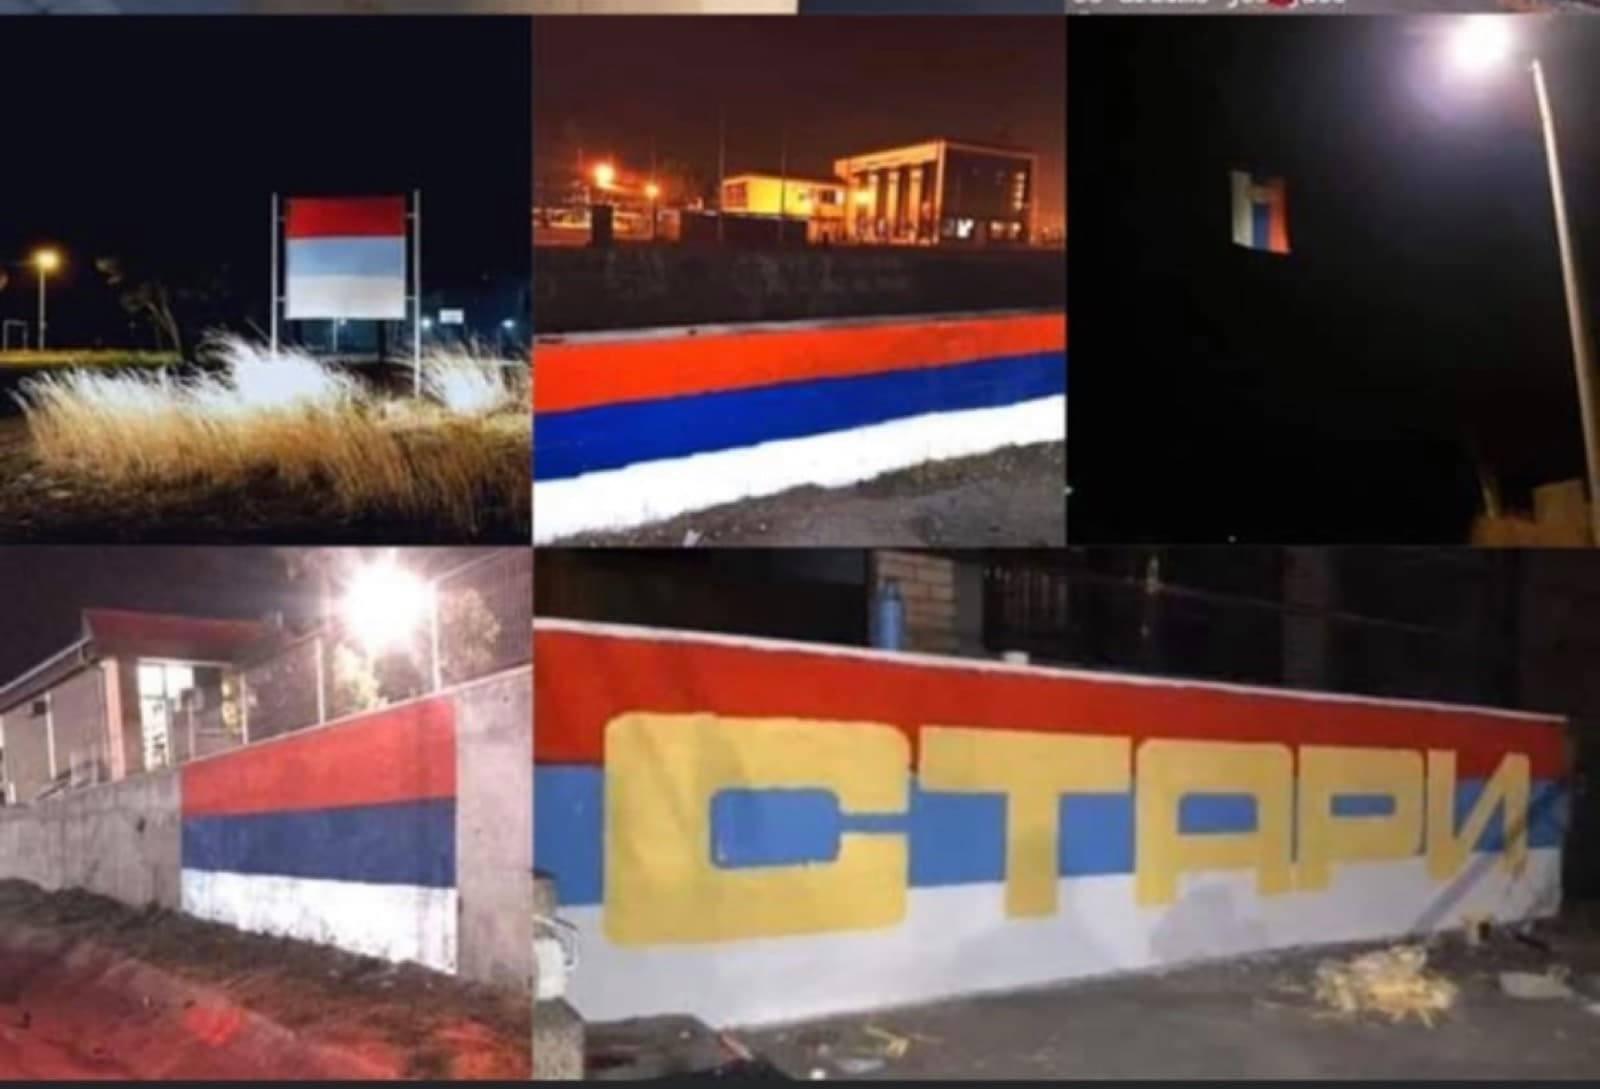 Mahmutovom trobojkom, po tarabama i zidovima, protiv crnogorskog orla